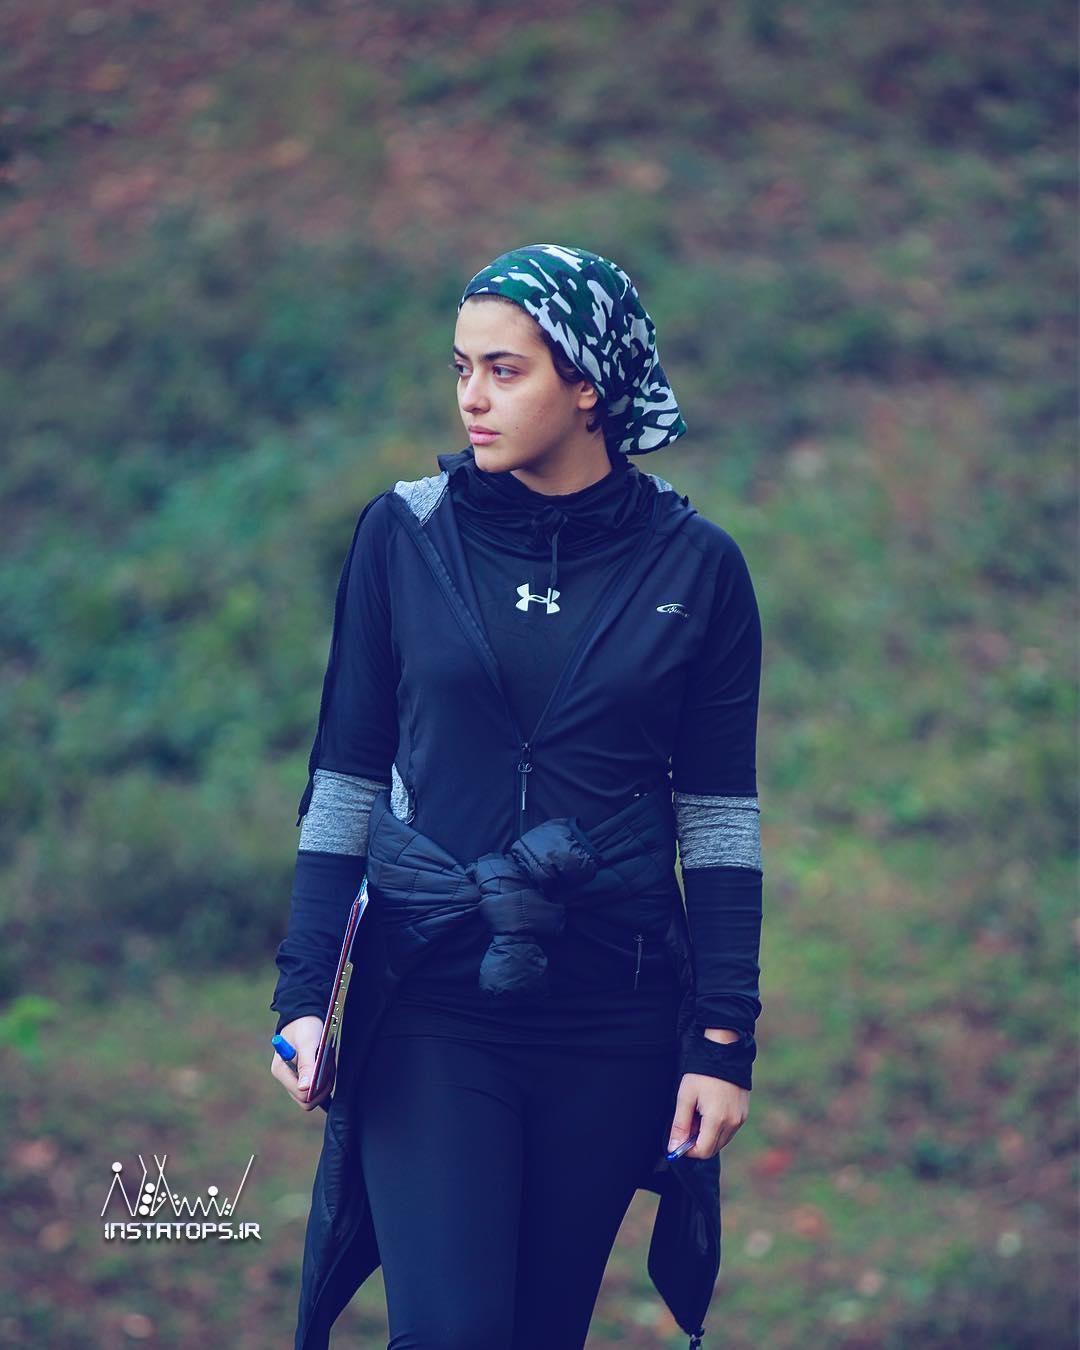 ريحانه پارسا چه حکمتیست که در آغاز نگاه من به سرانجام است Iranian Women Fashion Persian Fashion Iranian Women